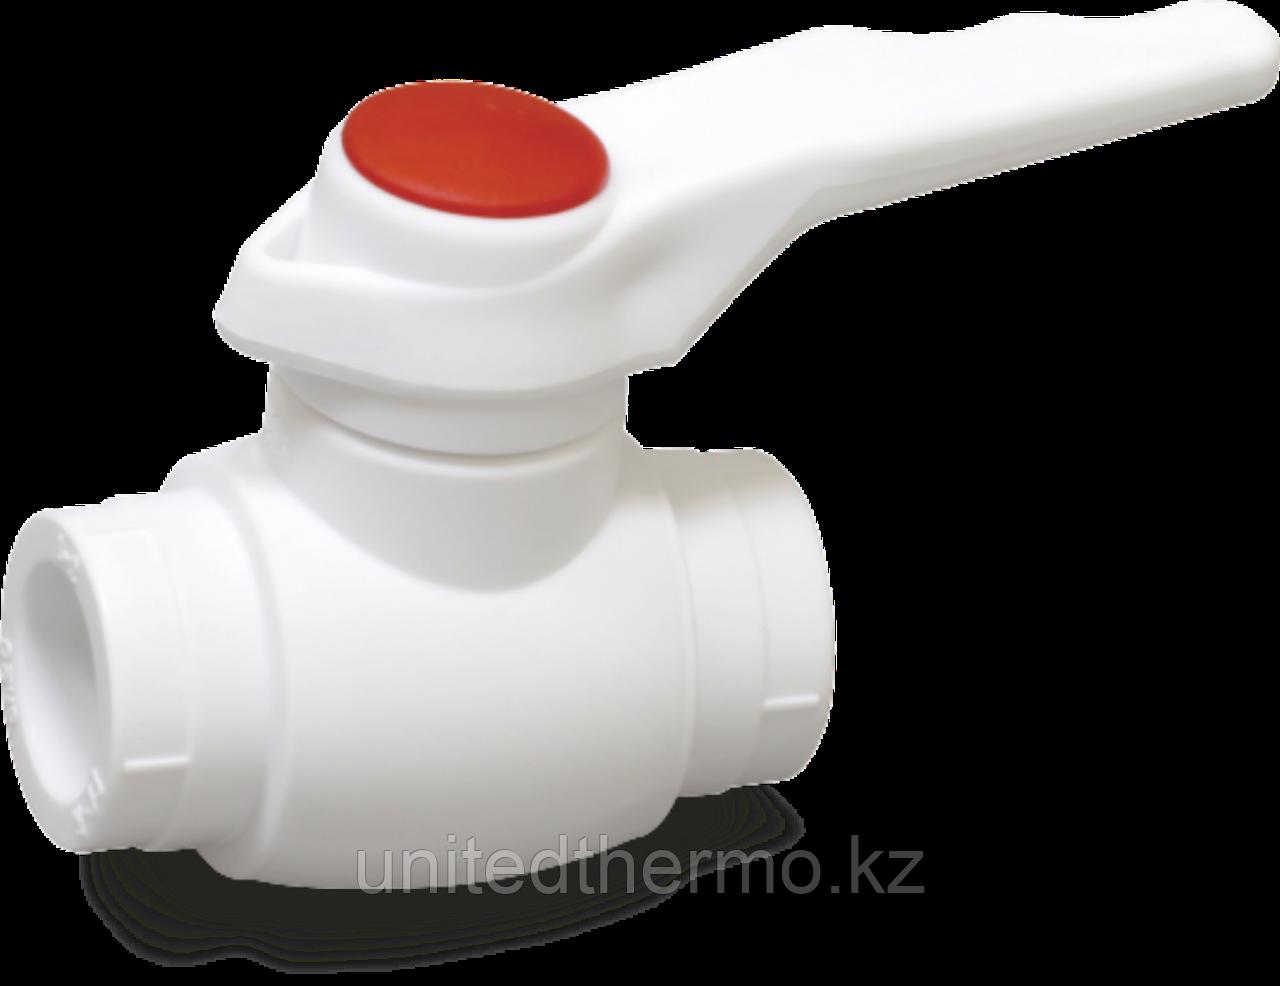 Шаровые краны из ППР 20мм PPSU для горячей воды Fusitek FT07111